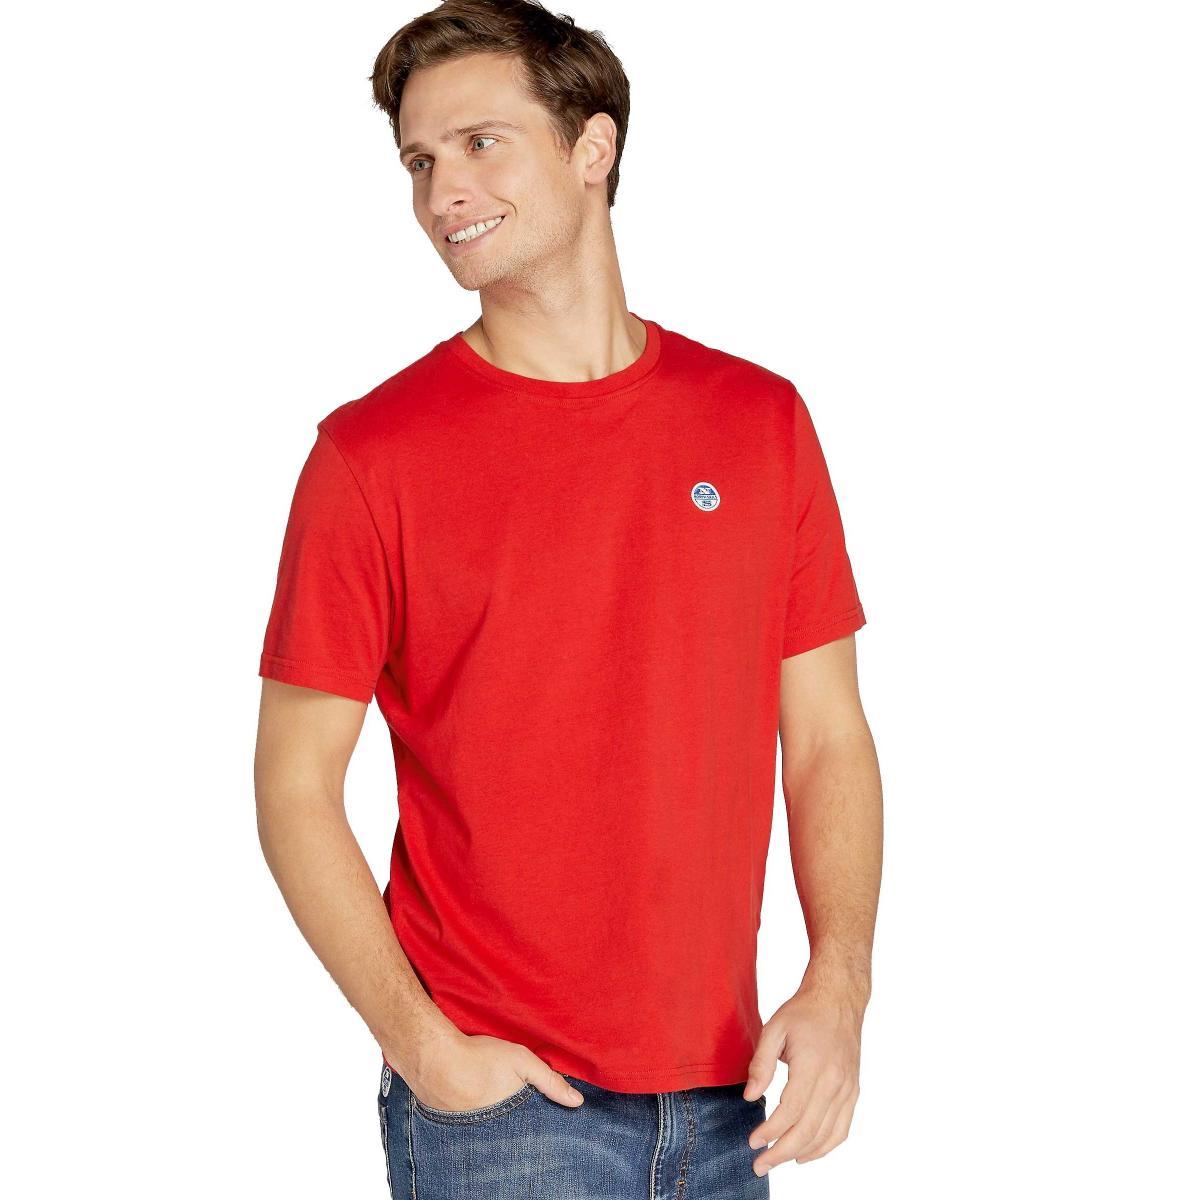 T-shirt NORTH SAILS Lowell girocollo con logo da uomo rif. 692167 000